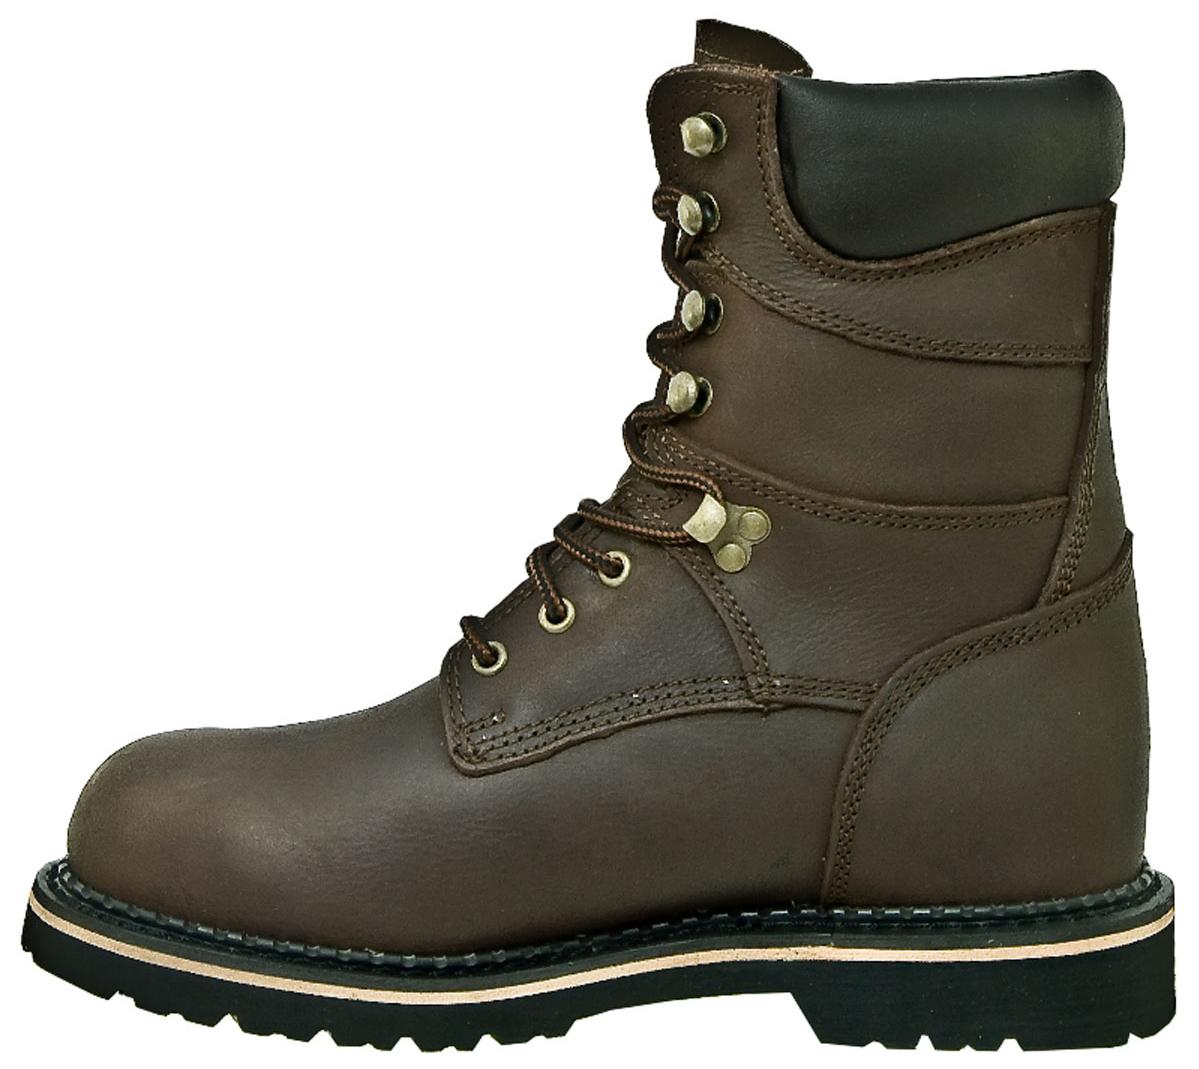 McRae Industrial Men's ... Slip-Resistant Work Boots jpWzpfCM